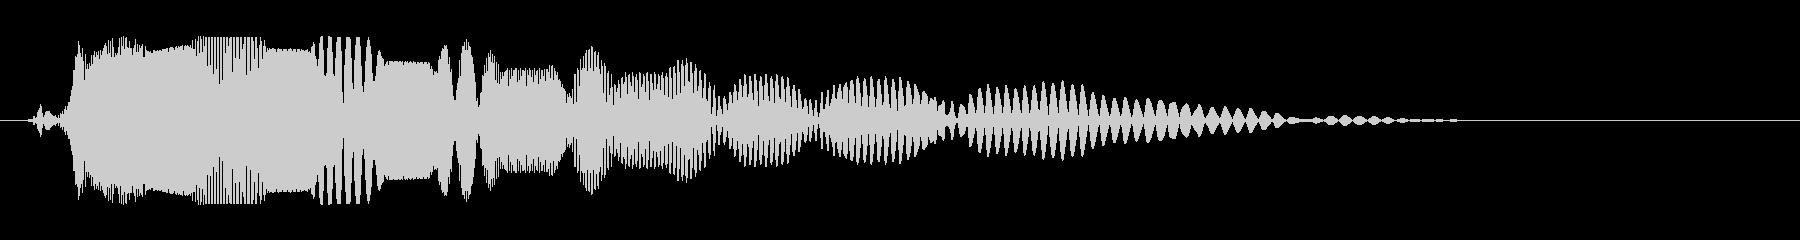 ピュン(物が高速で移動する音)の未再生の波形